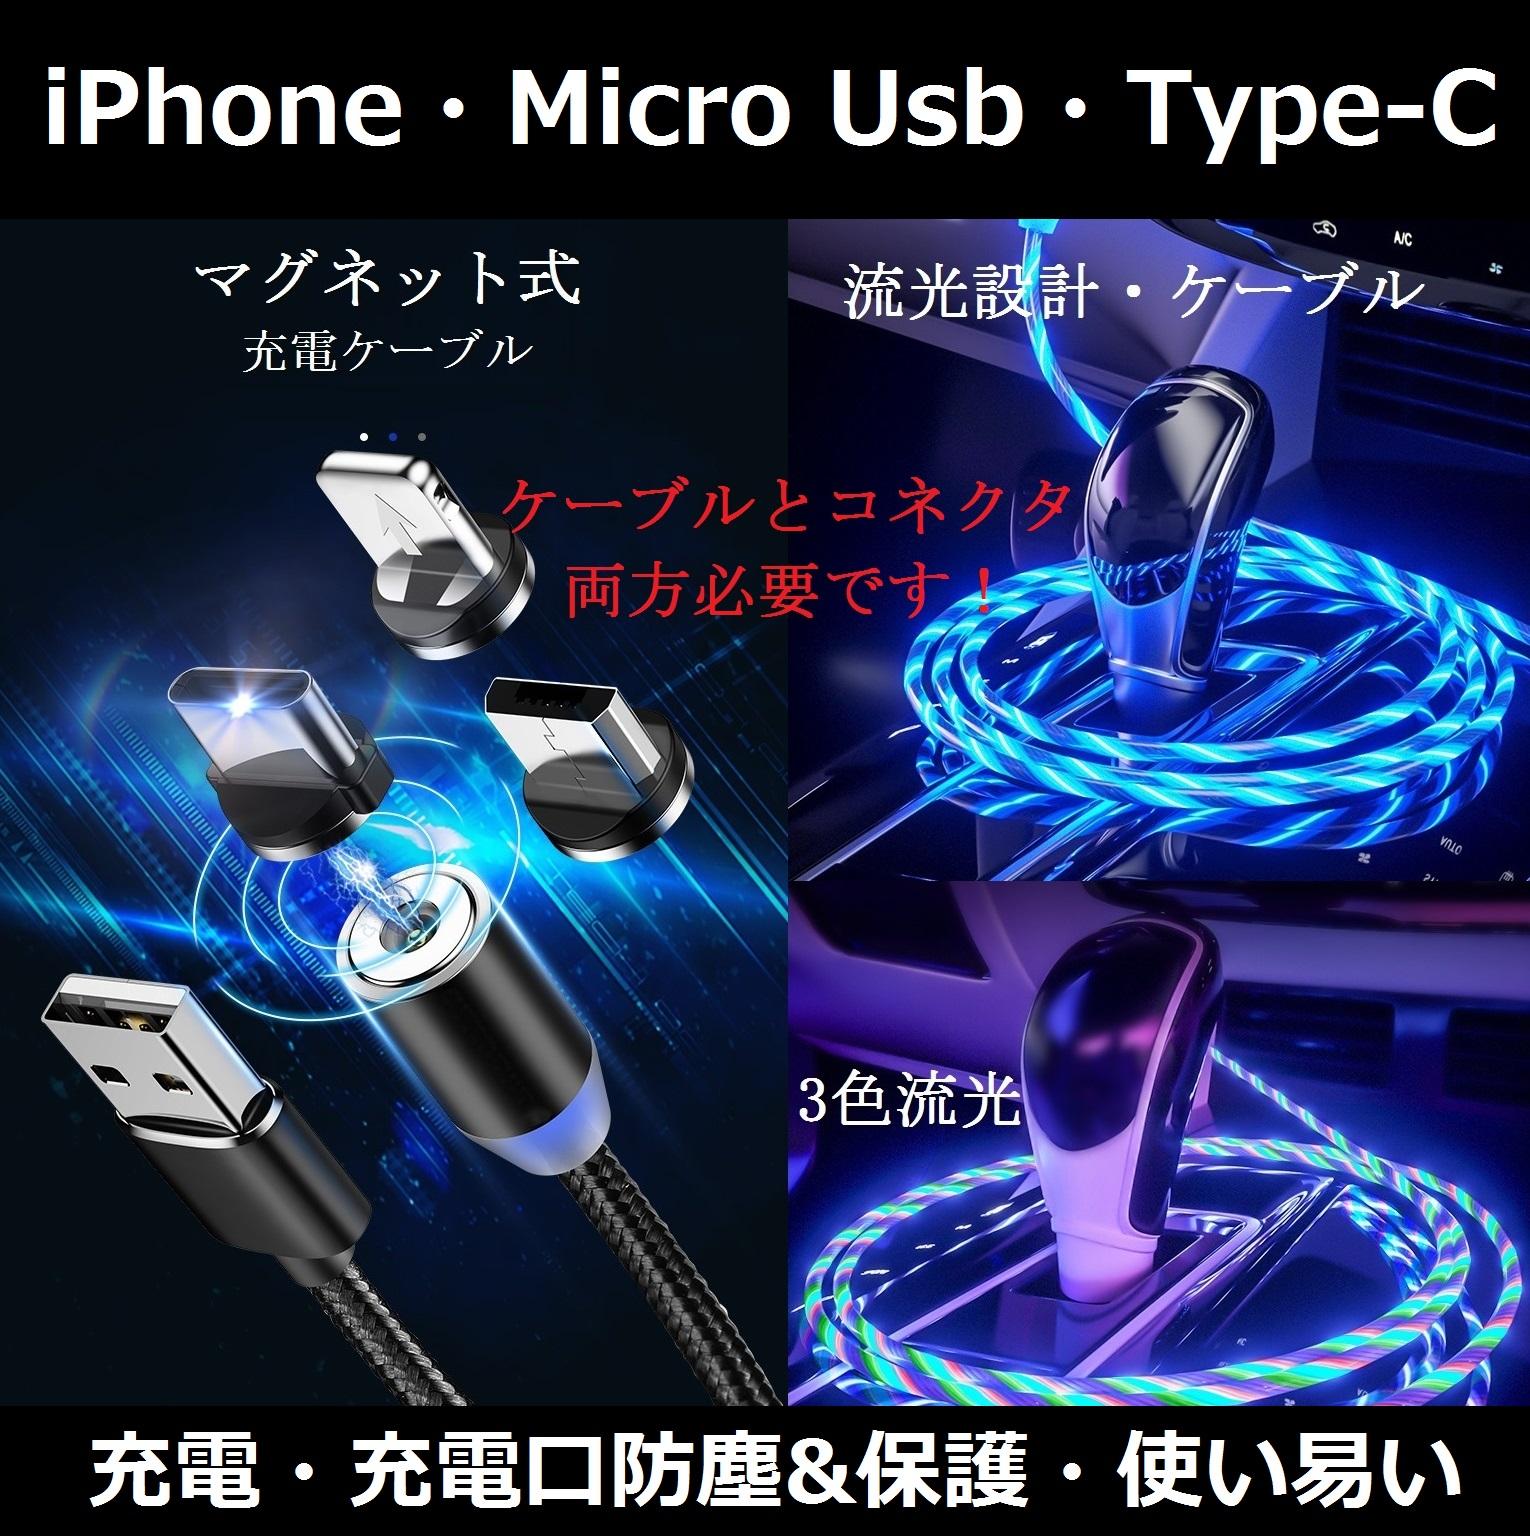 【10点まで送料198円】iPhone12 対応 Lightning マグネット LEDランプ付き 自動接続 高耐久 iPhone/Android/Type-C対応 1m/2m 充電器 ケーブル